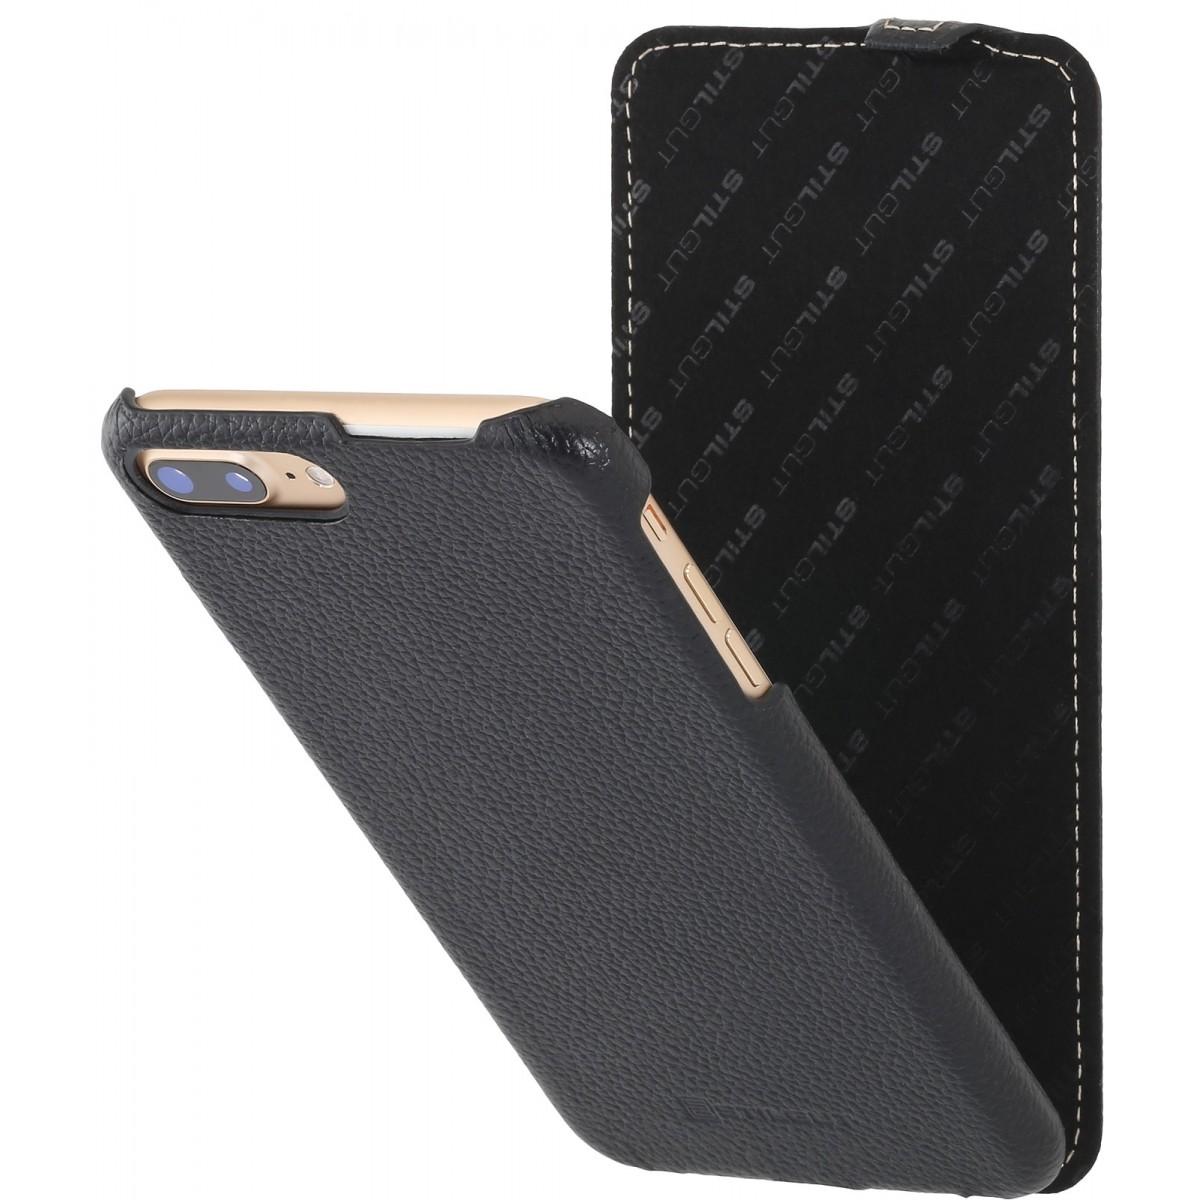 Etui en cuir véritable iPhone 7 Plus ultraslim Noir - Stilgut